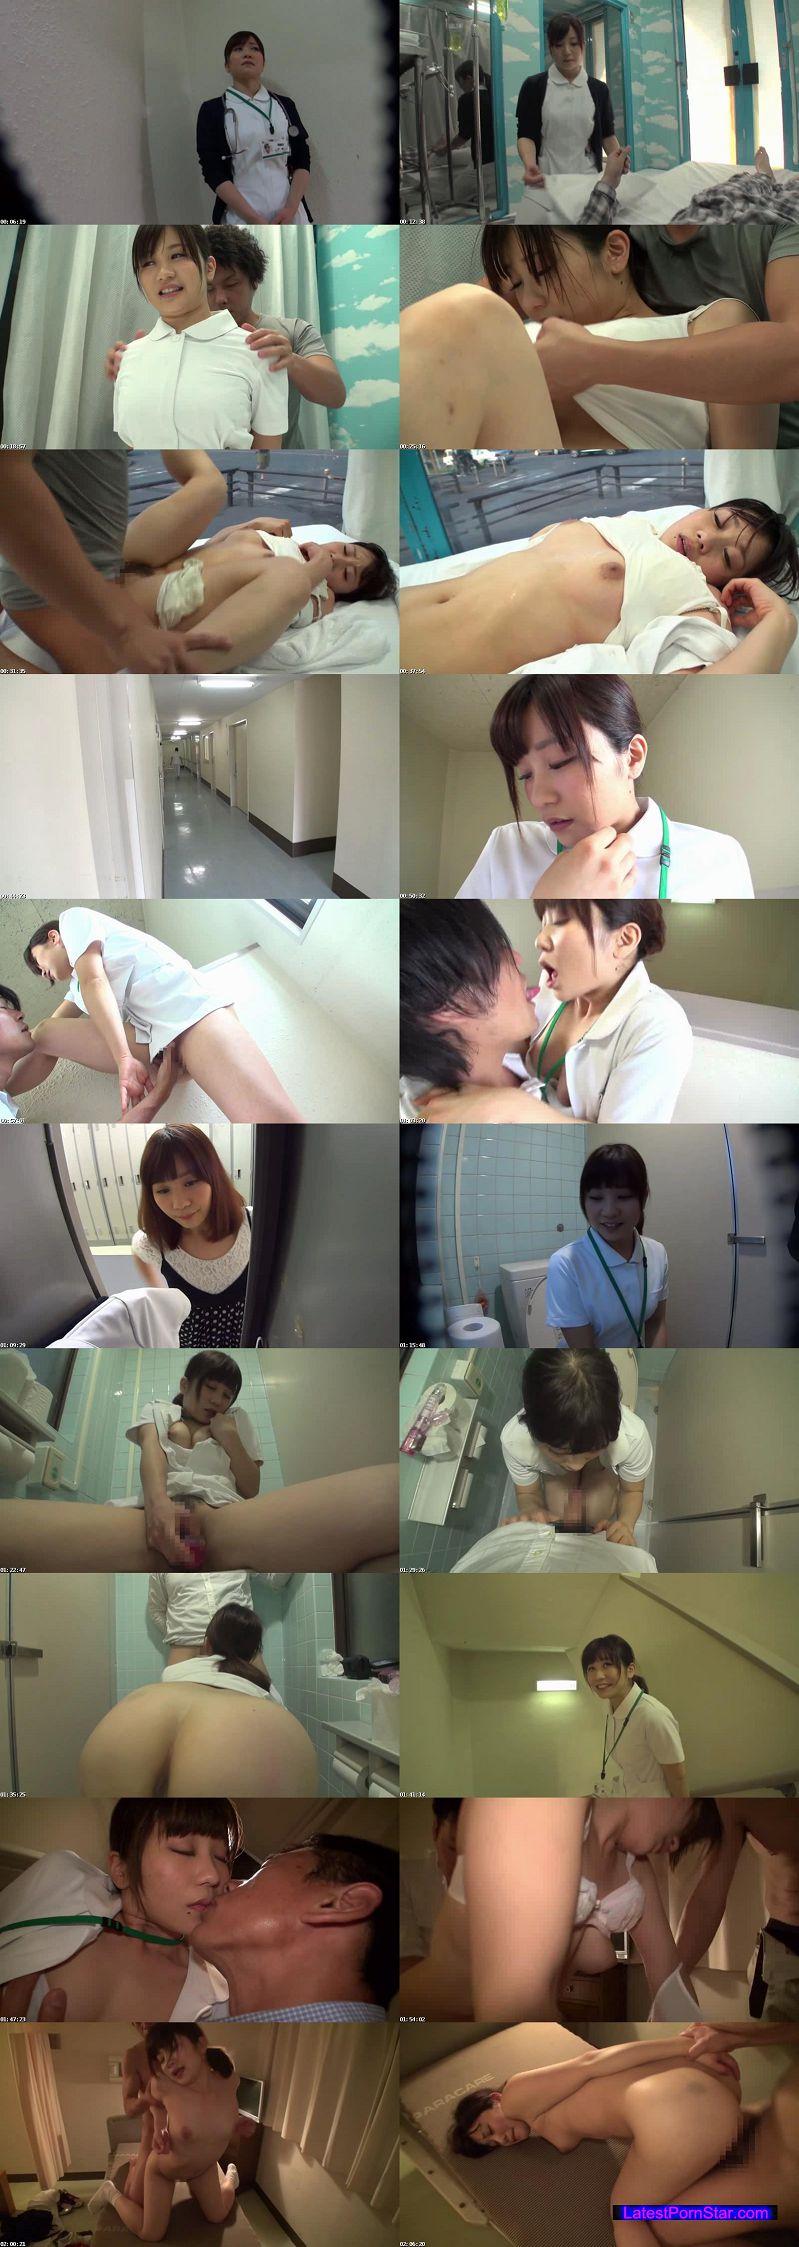 [SDMU-104] 現役看護師をお昼休みにマジックミラー号でAVデビューさせます! 白井友香